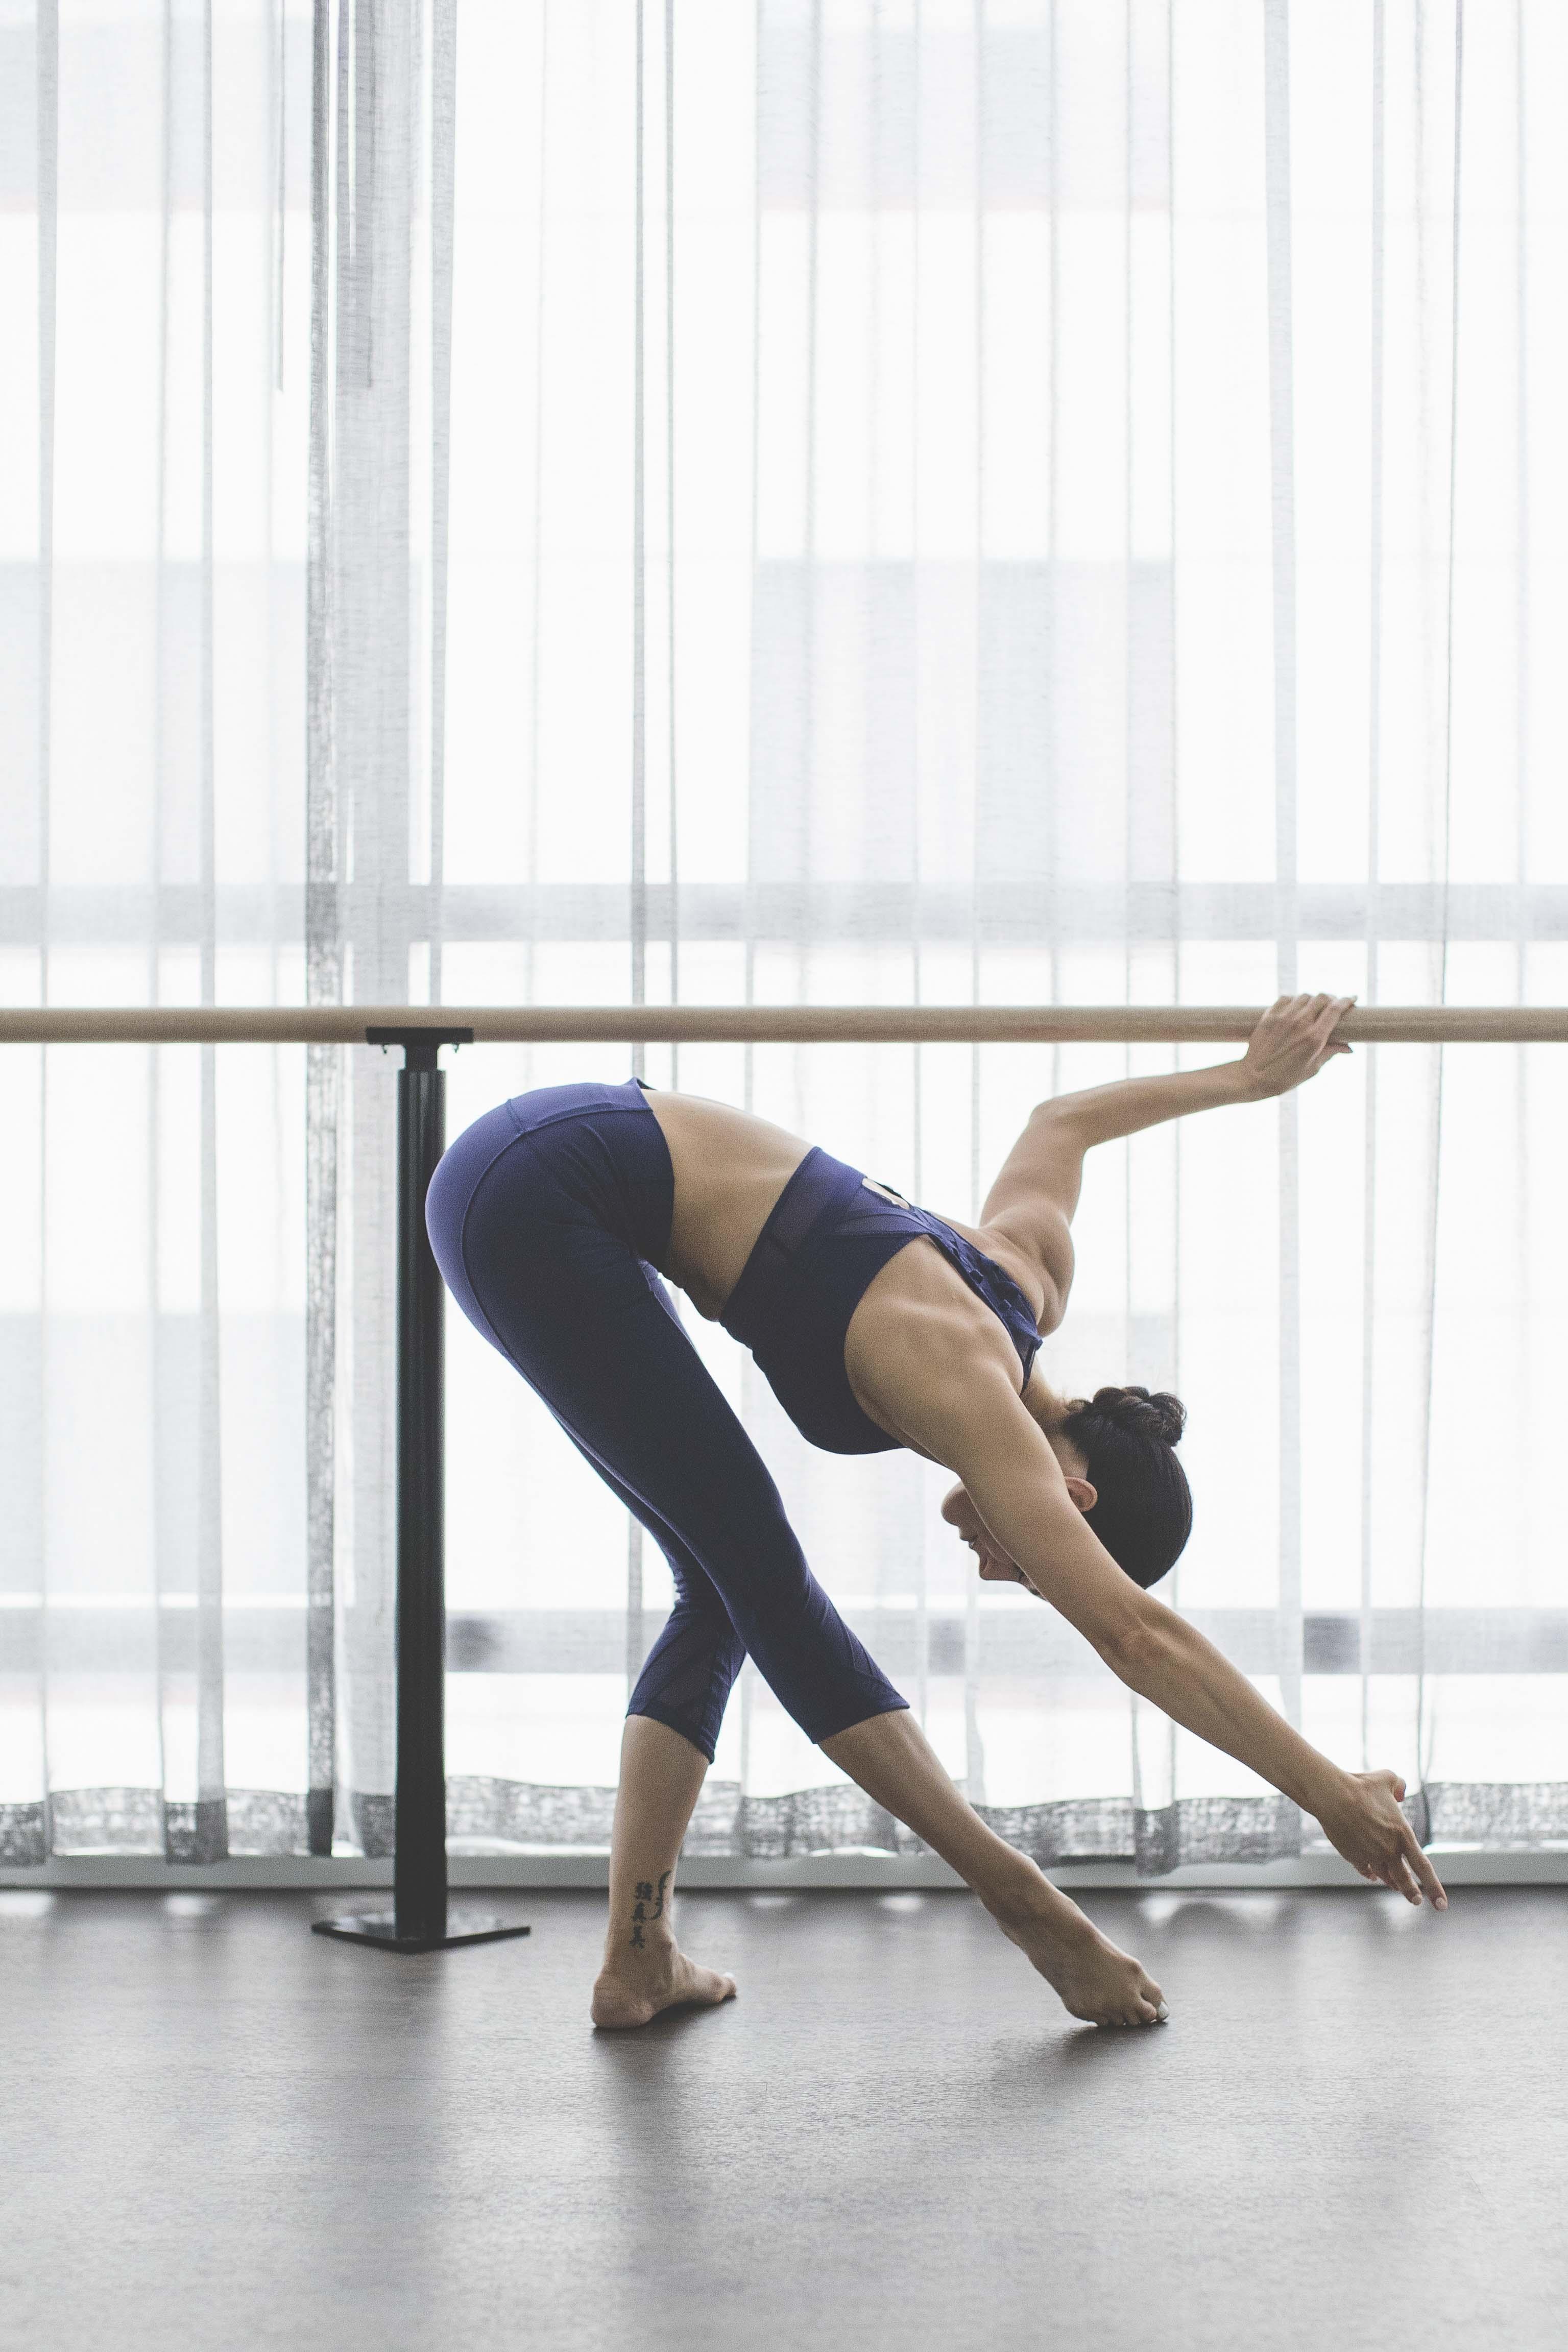 fullrez-2016_wk35_sec1_1196_lulu_aus_mk_womens_essential_rhythm_dance_barre_workout_4269